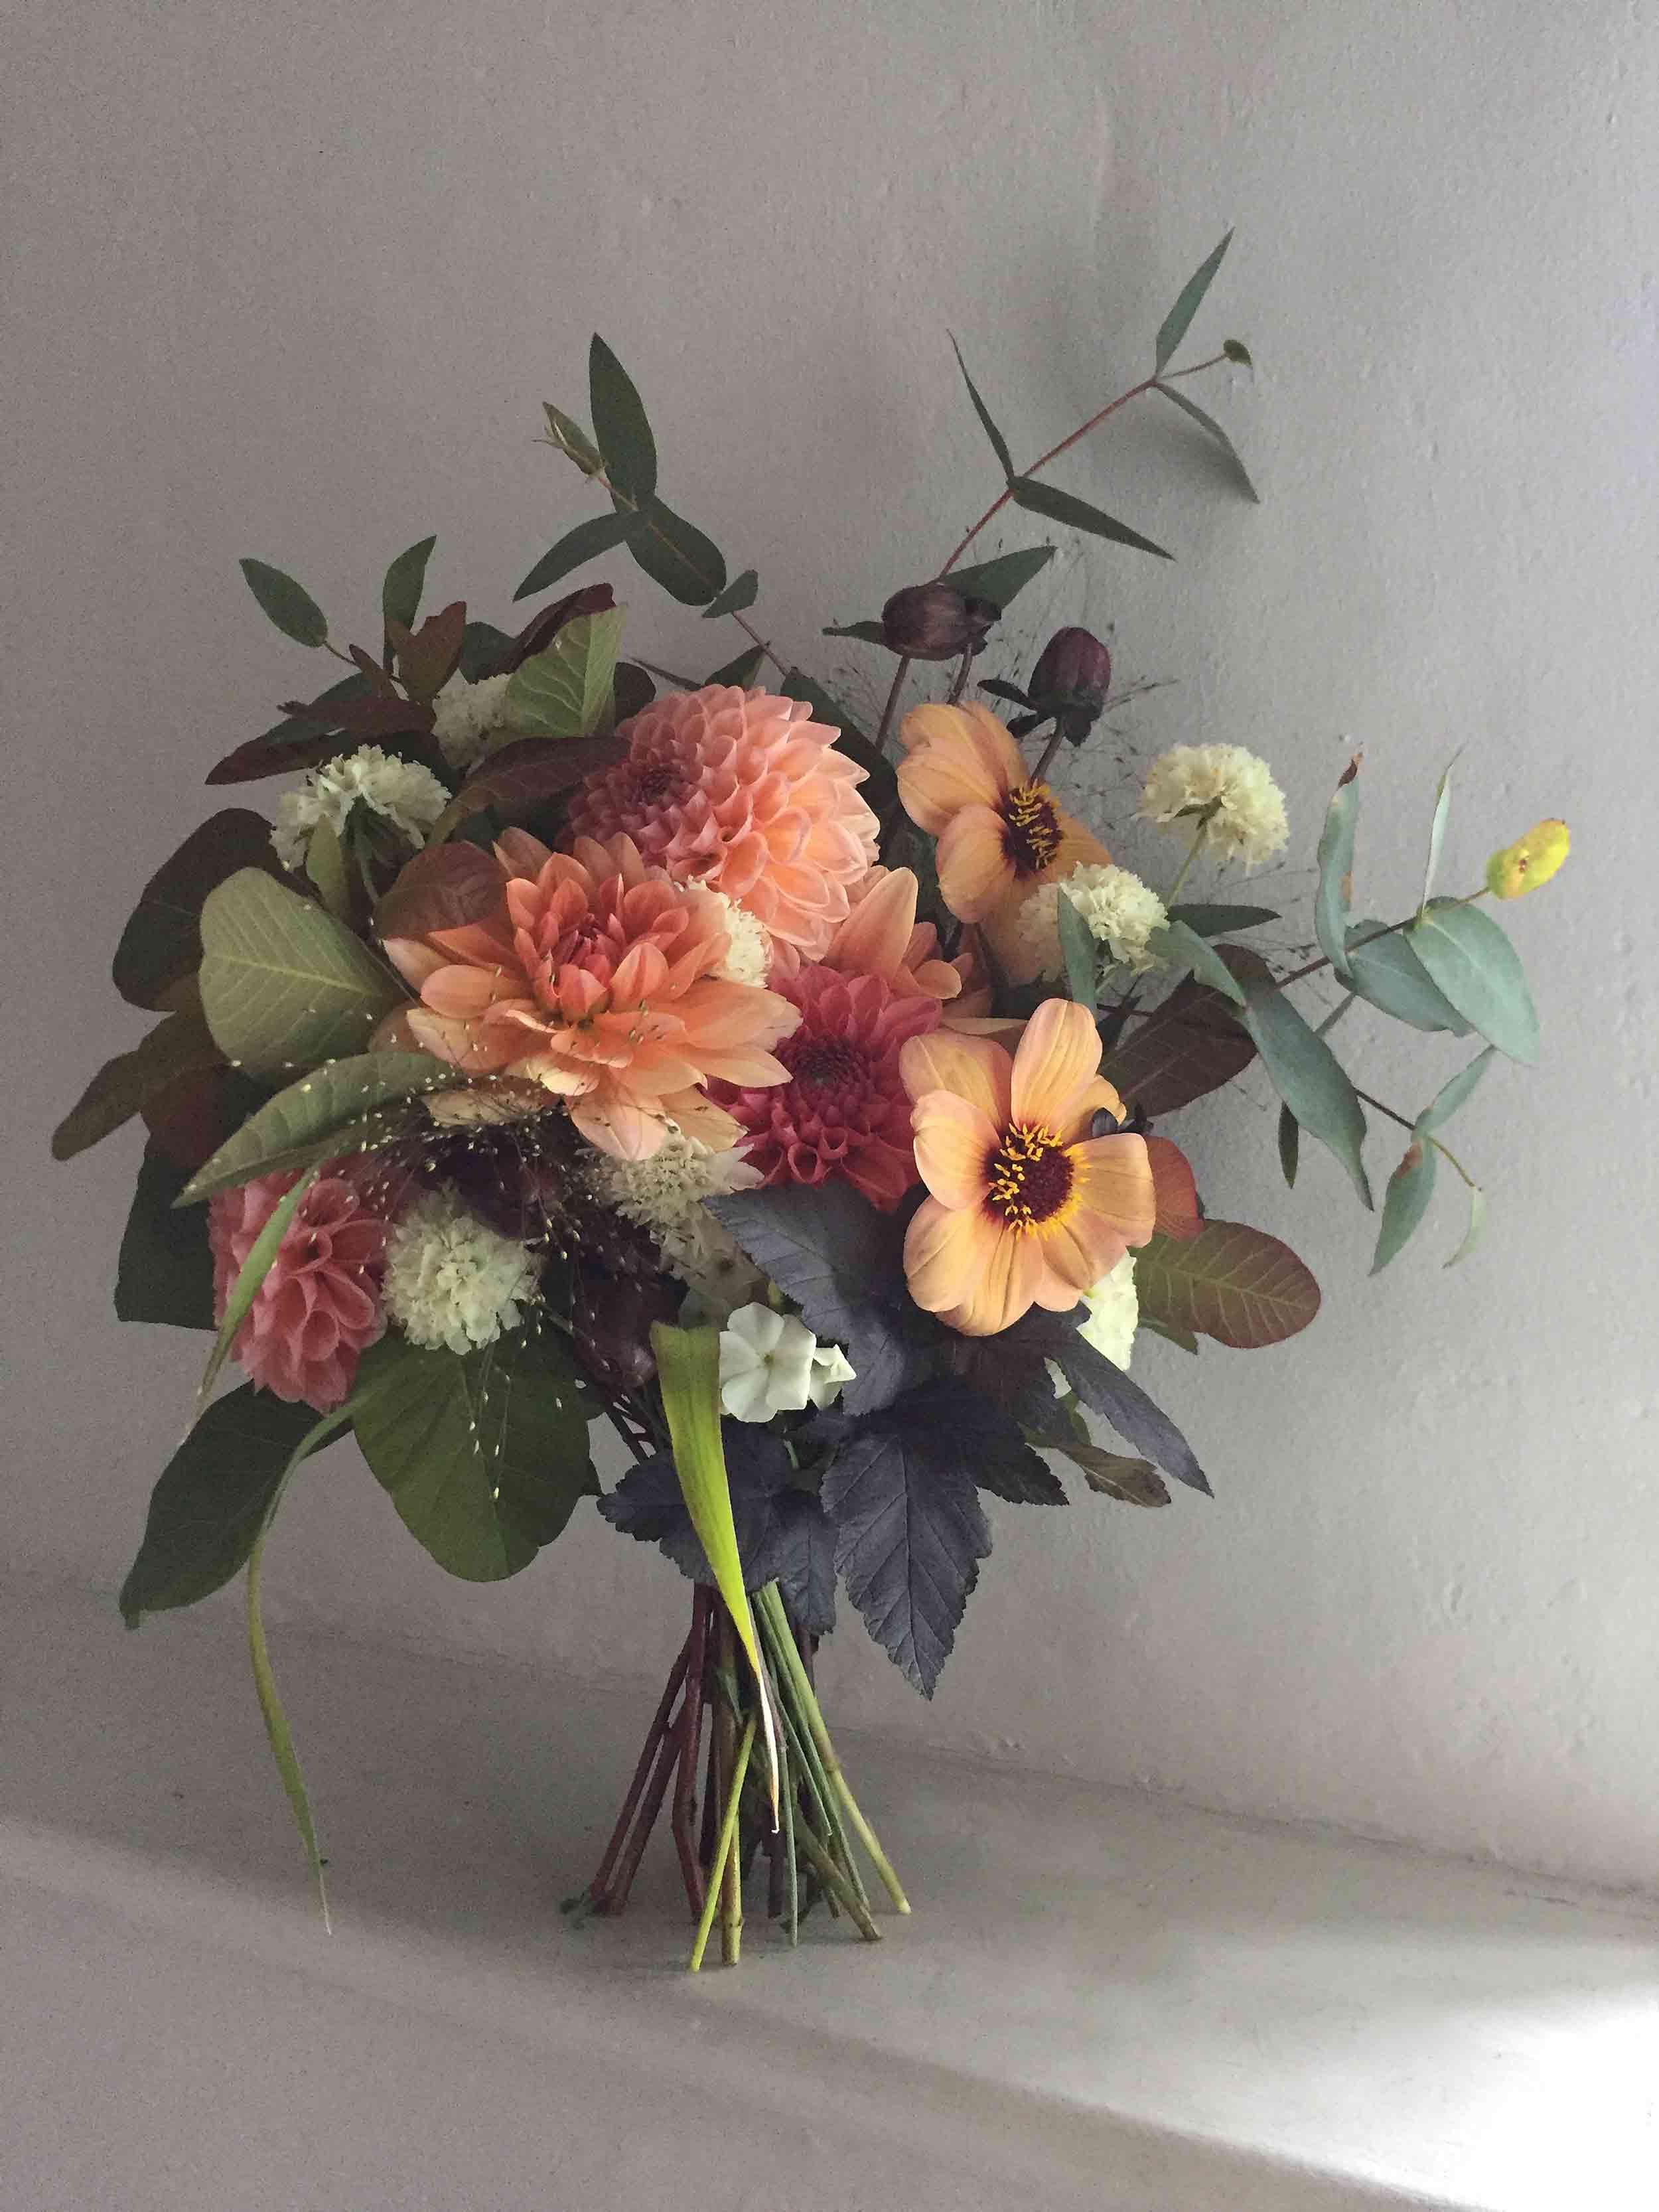 lunaria_wedding_flowers_somerset_UK_42.jpg